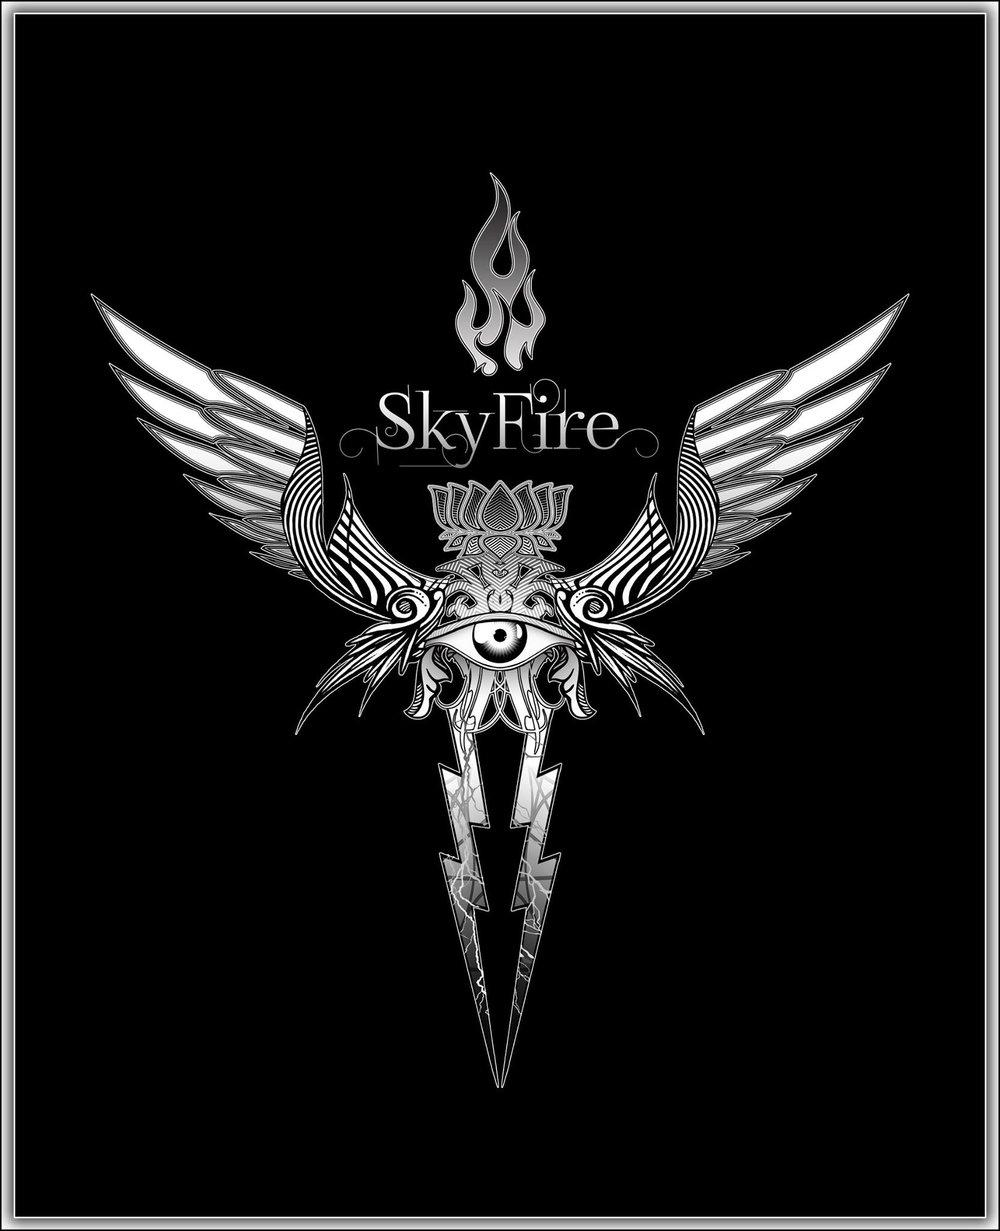 skyfire-logo.jpg